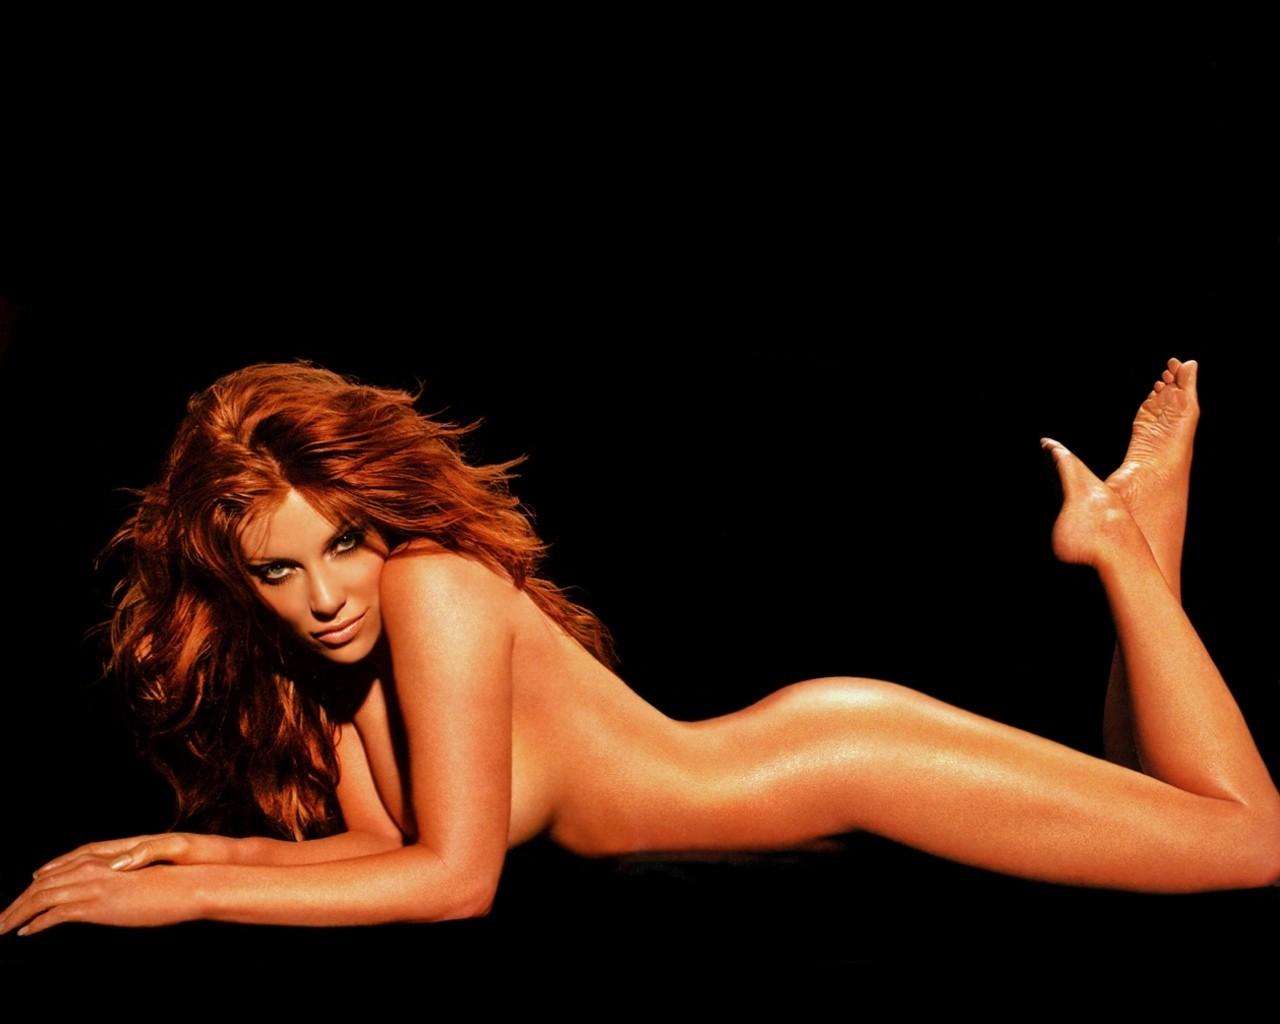 Angelica bridges nude pics